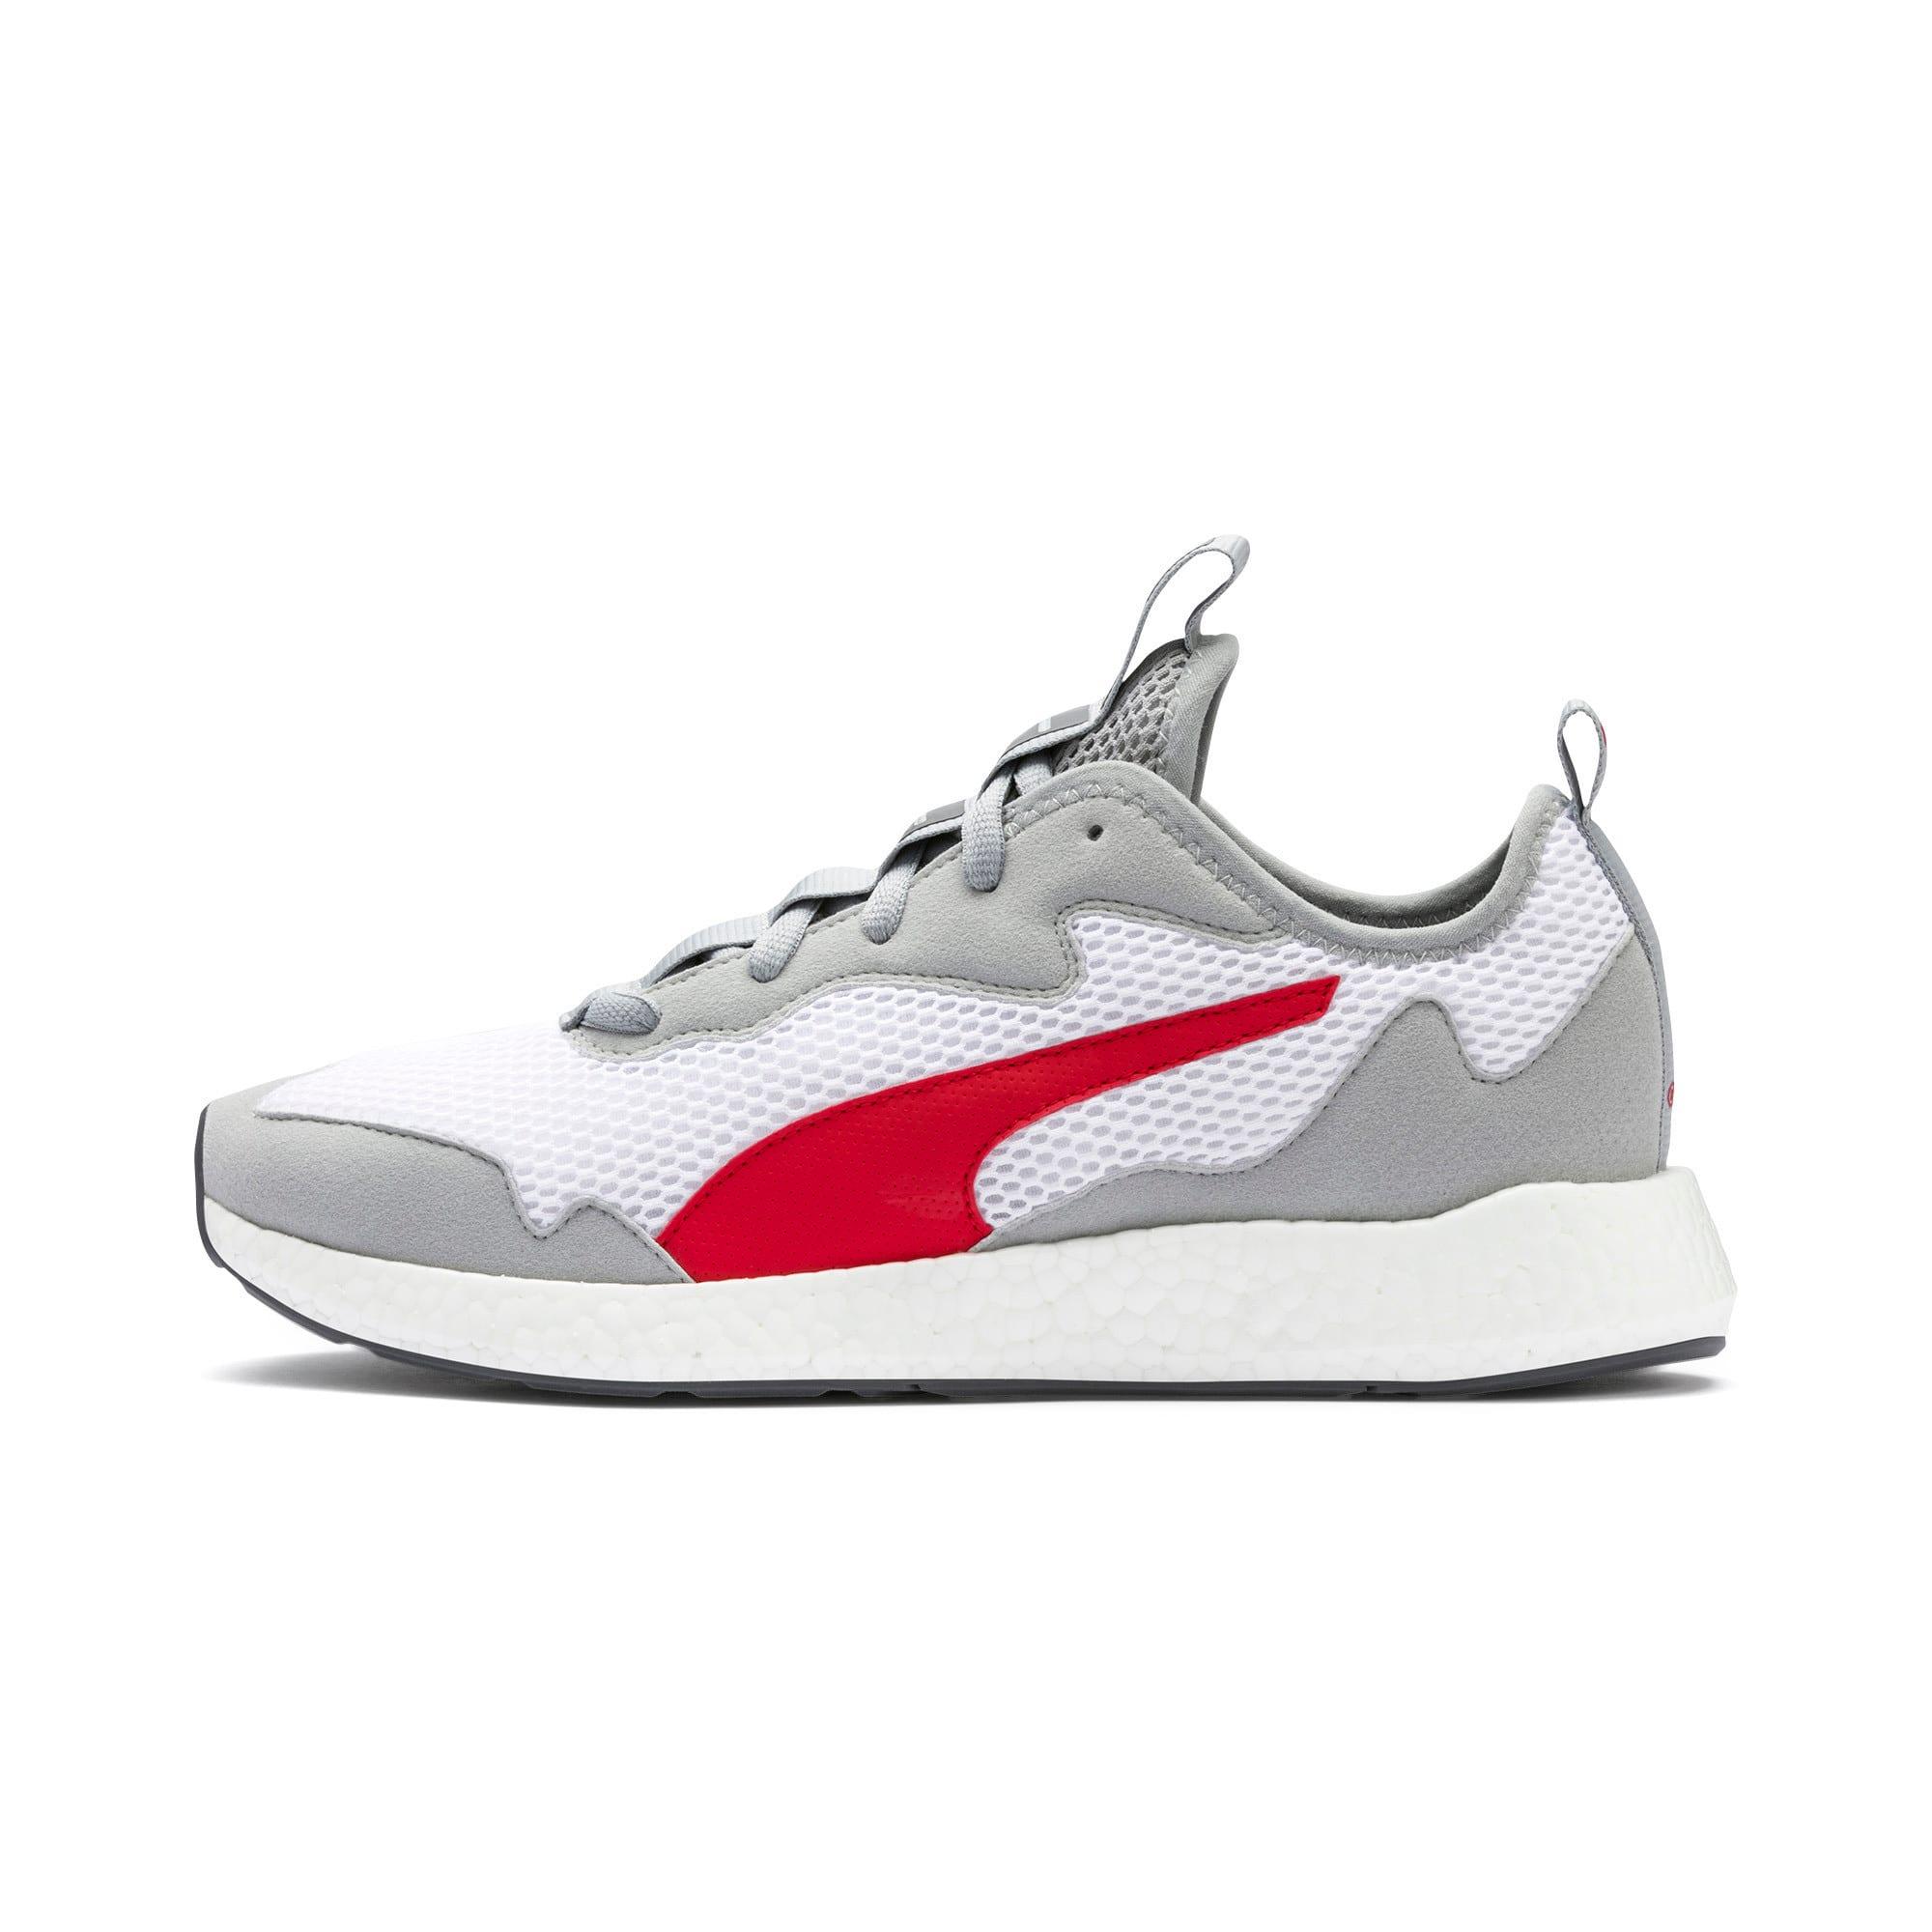 Miniatura 1 de Zapatos para correr NRGY Neko Skim para hombre, High Rise-High Risk Red, mediano